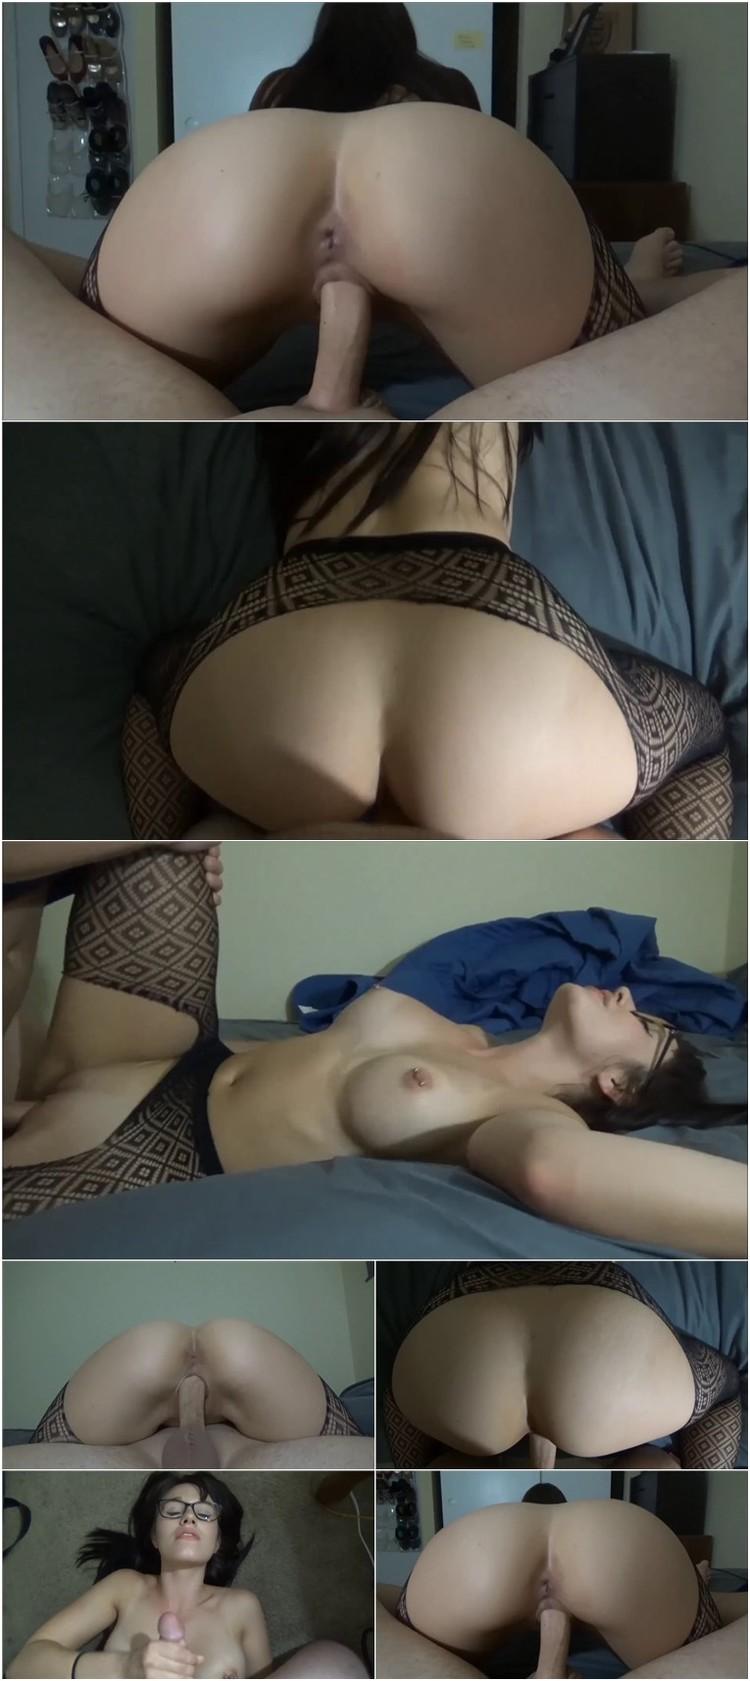 Mfc sex tape